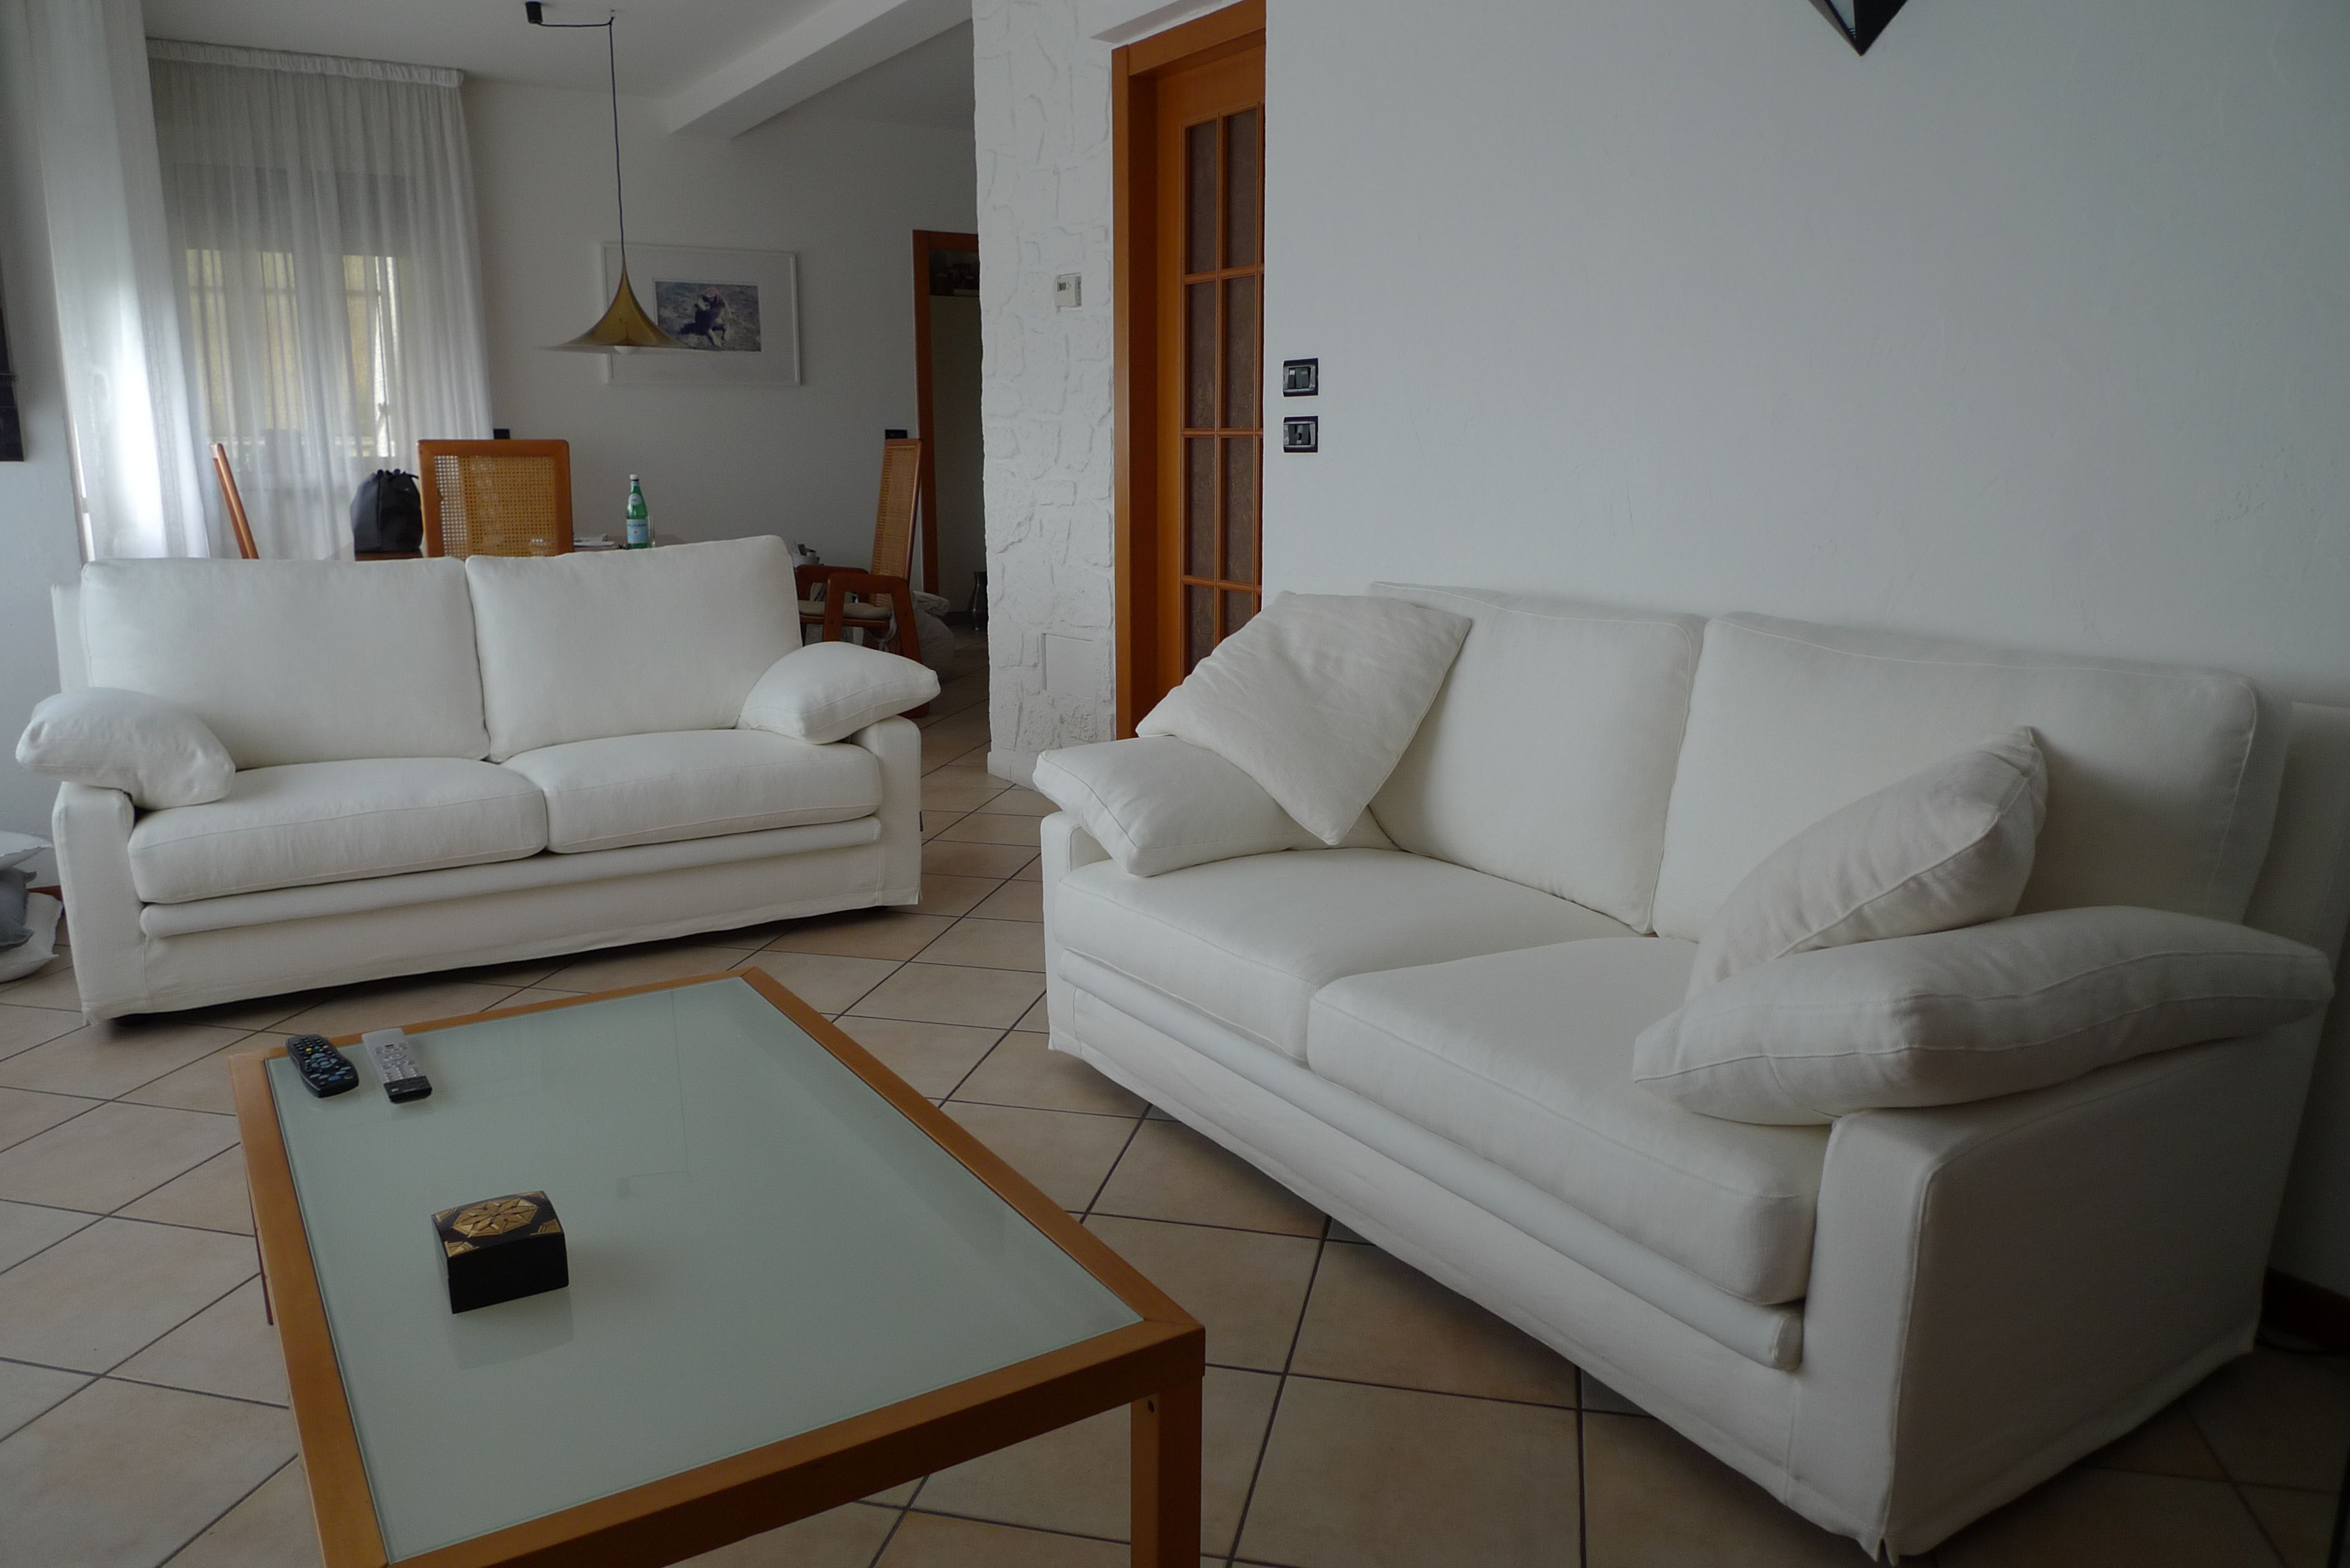 Copertura Divano ~ Restauro per nostro cliente divano cassina modello fiandra